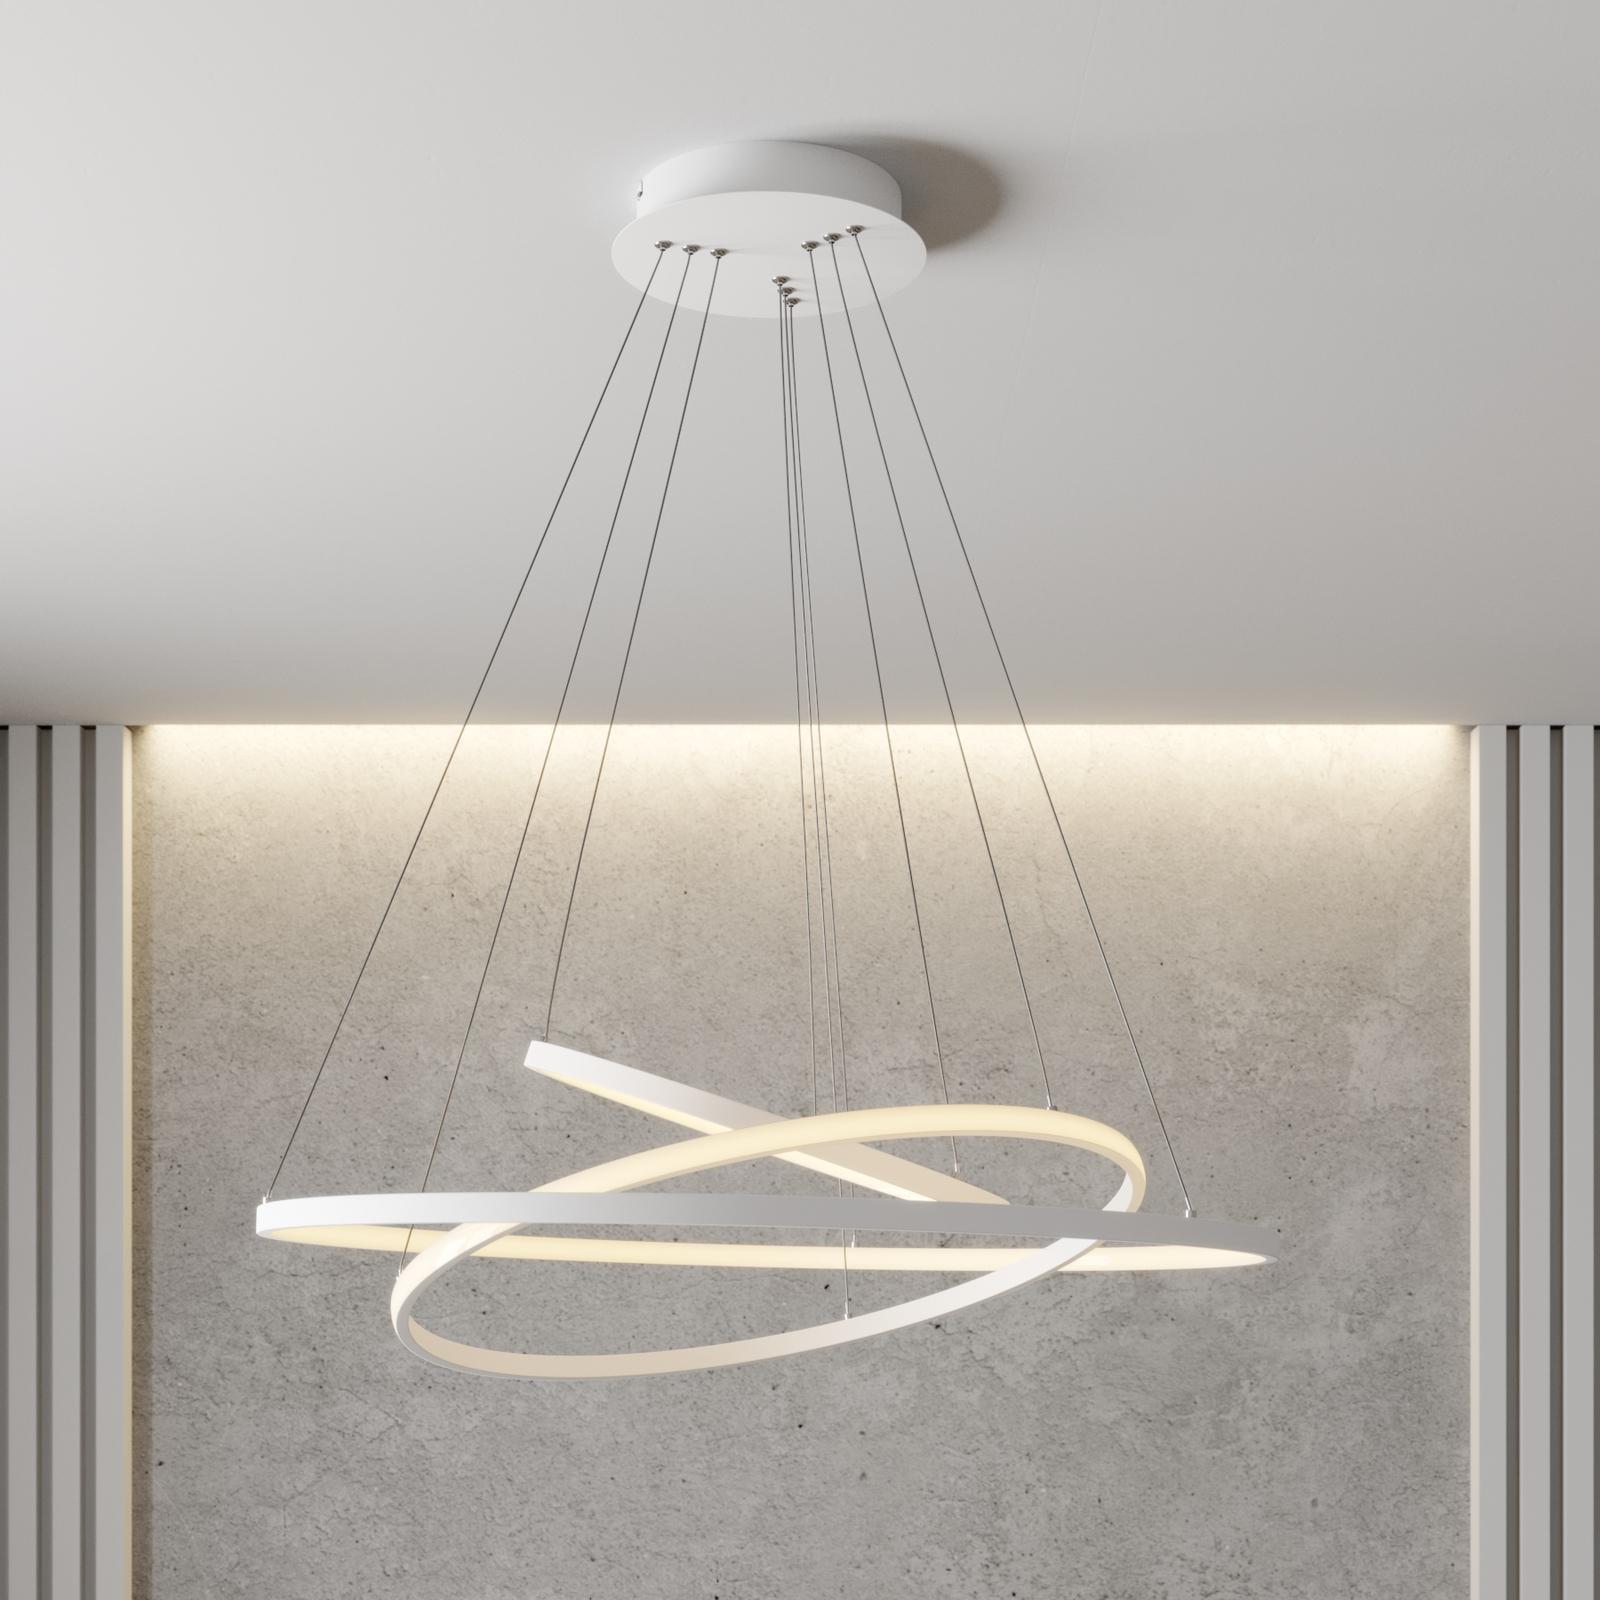 LED-riippuvalaisin Ezana, valkoinen